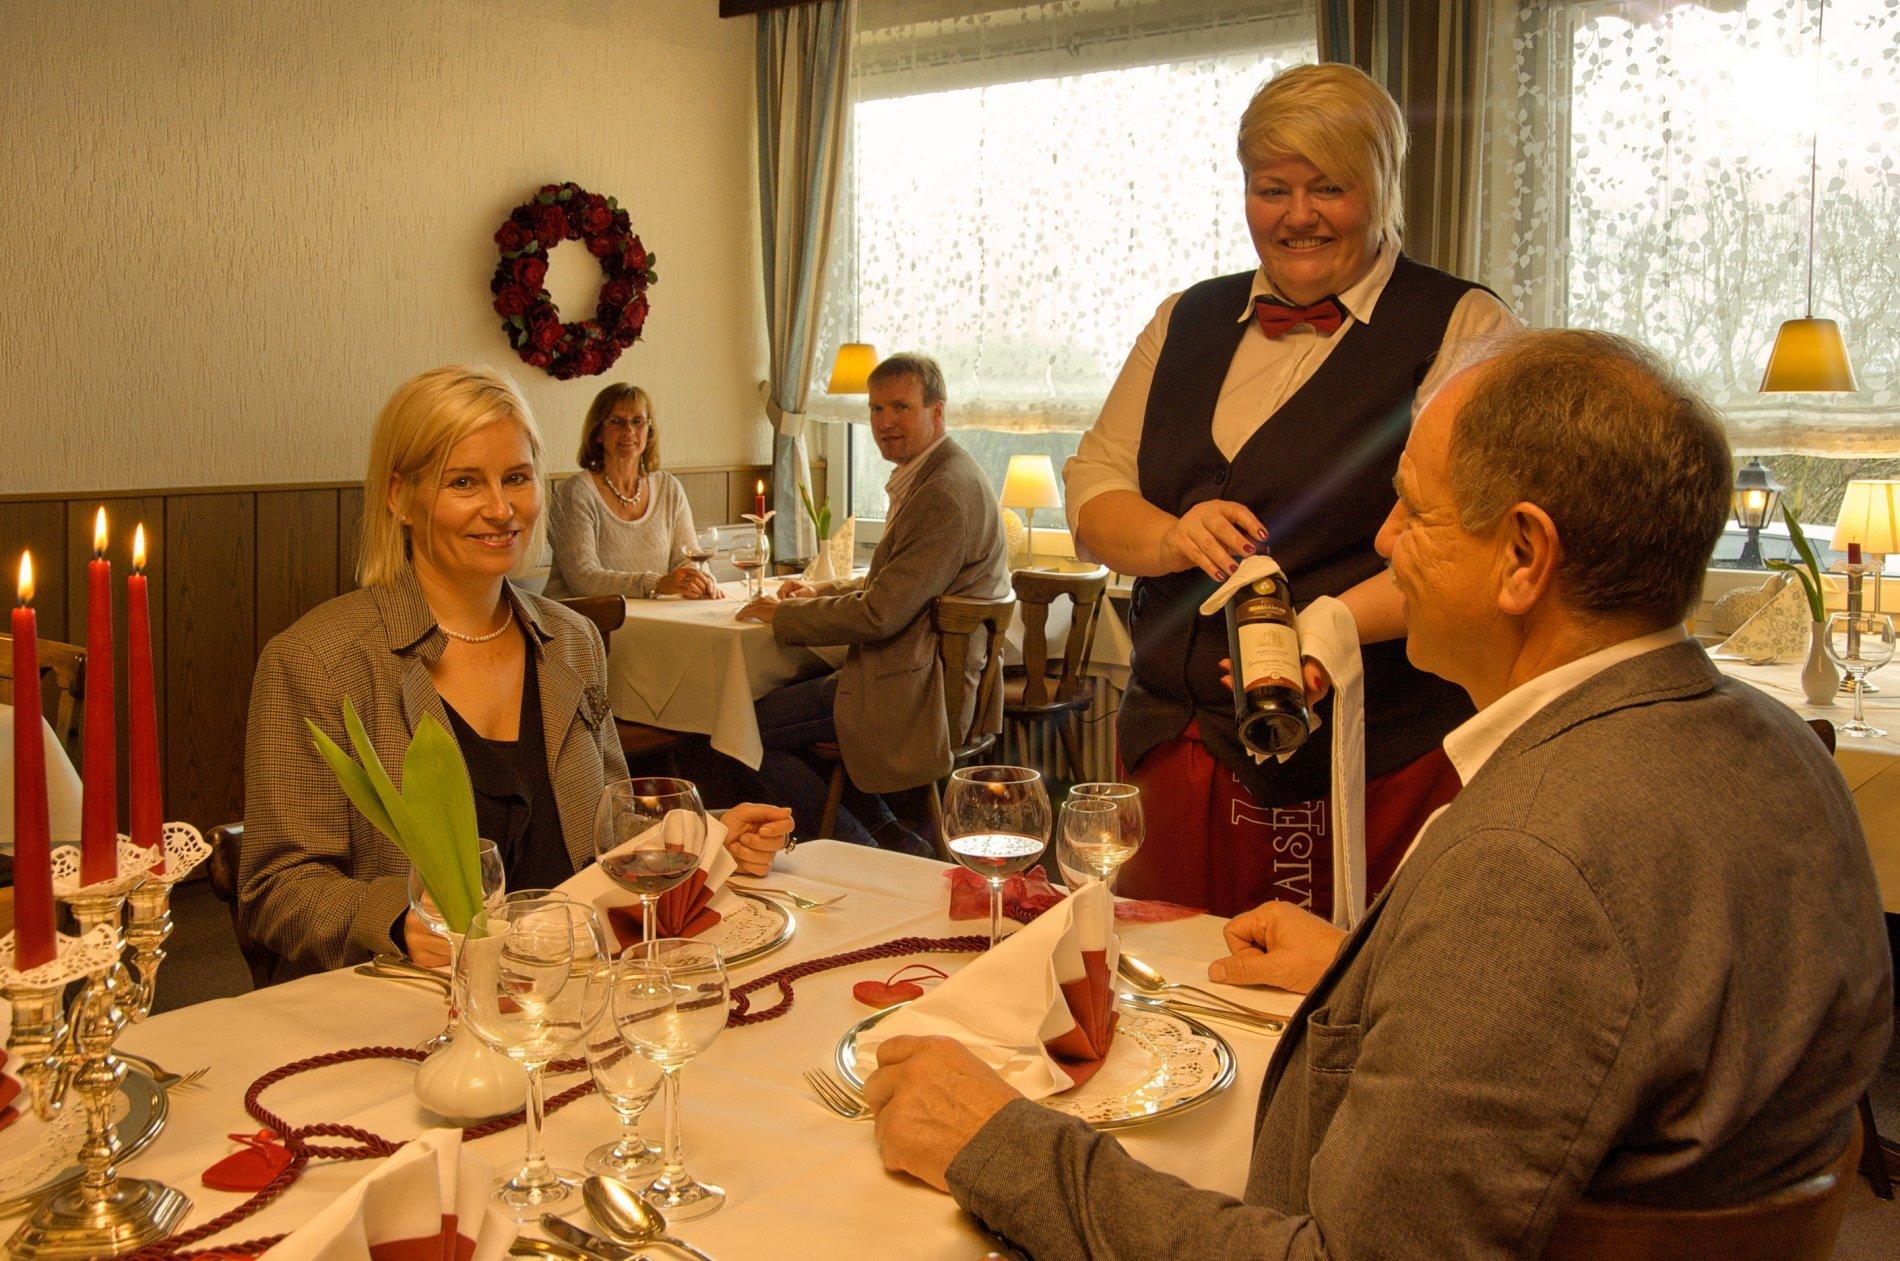 Bedienung empfiehlt den Gästen eine Flasche Wein